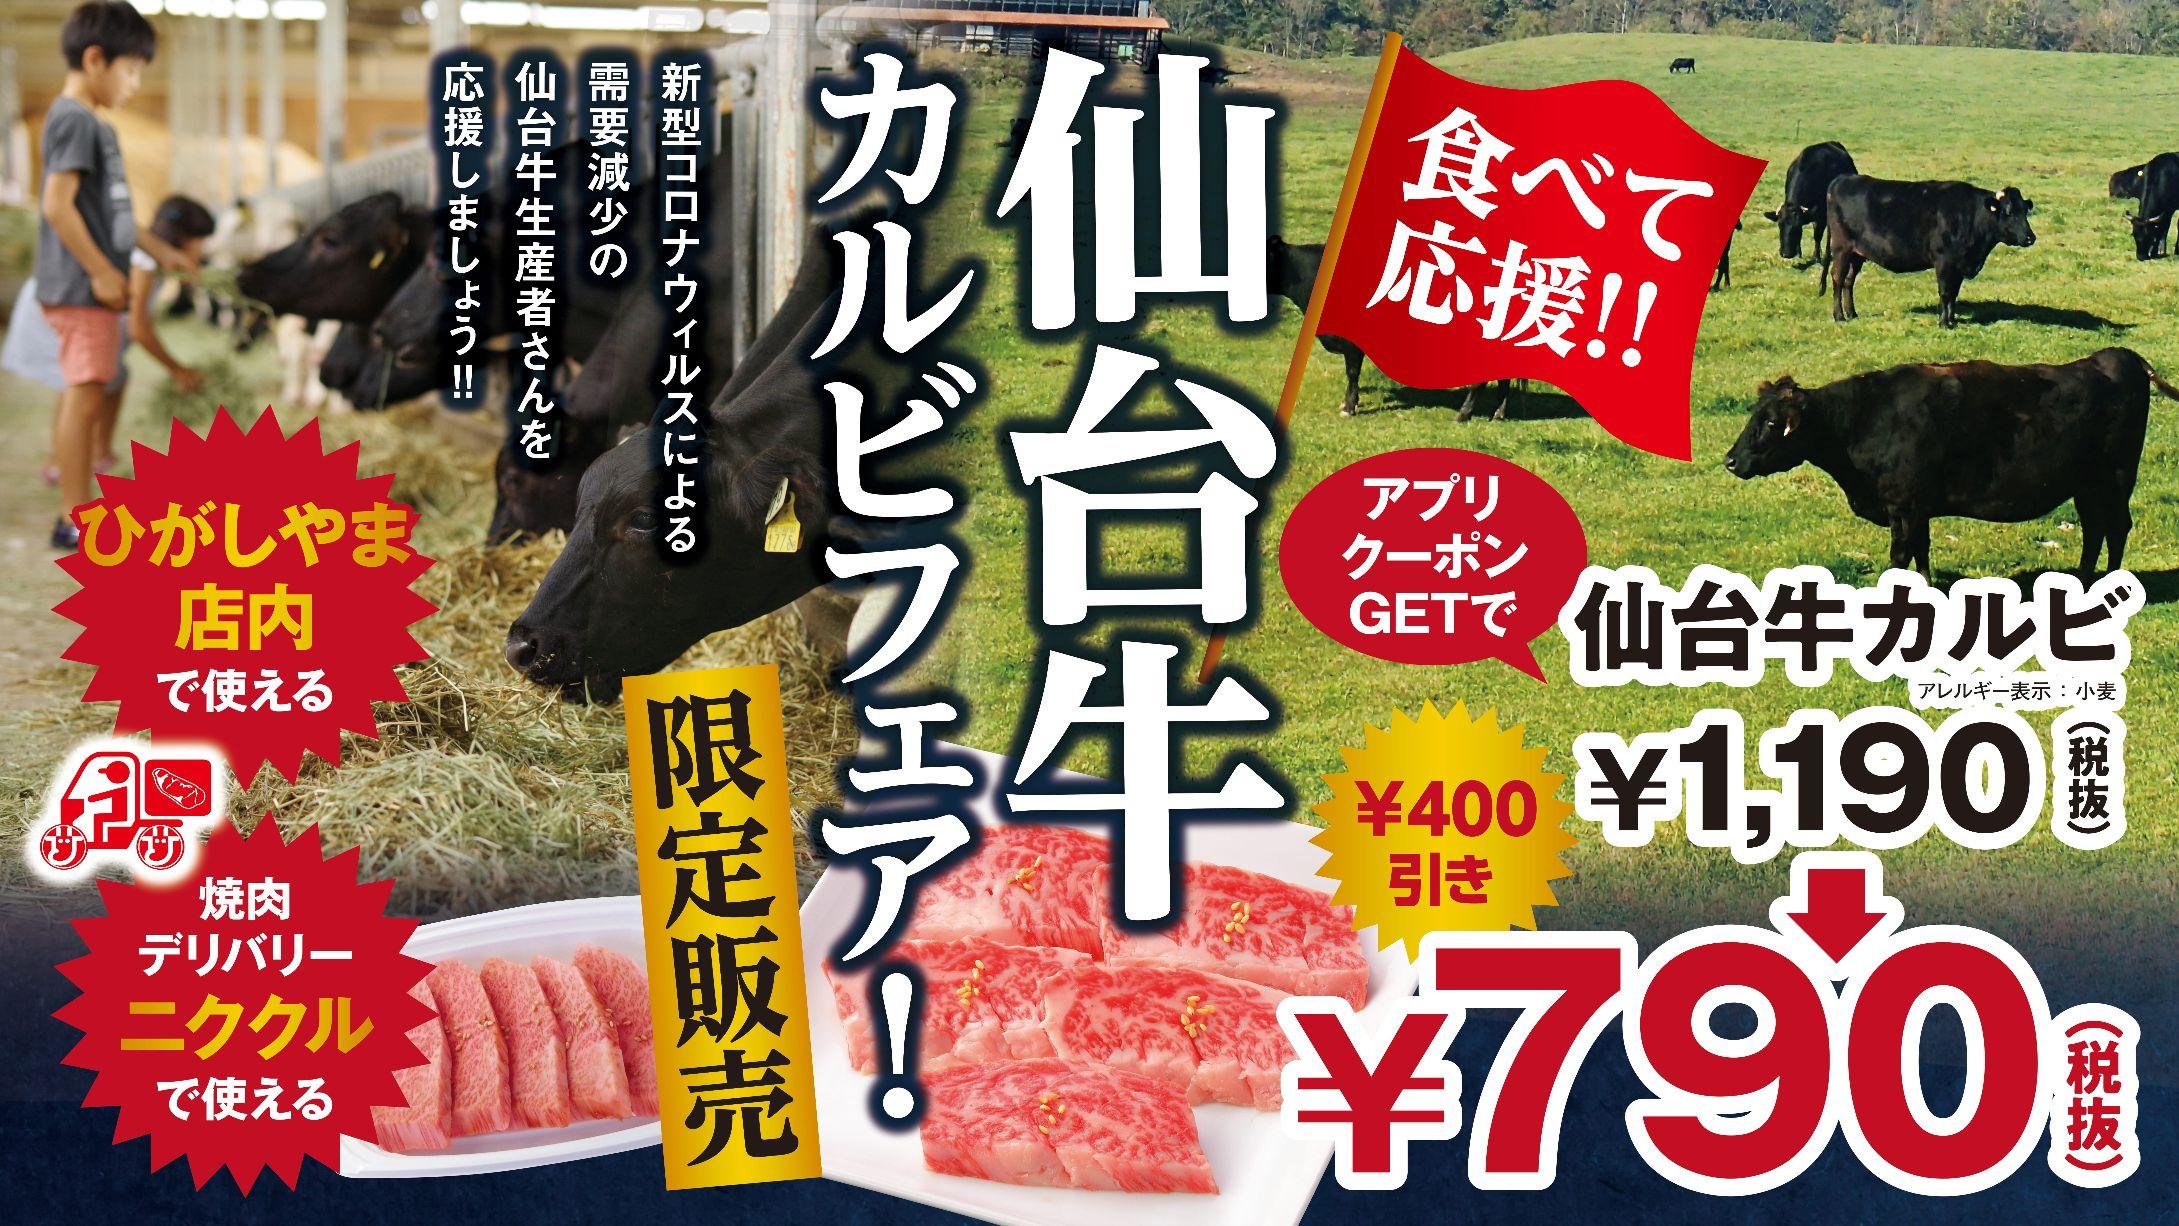 食べて応援!仙台牛カルビフェア限定販売